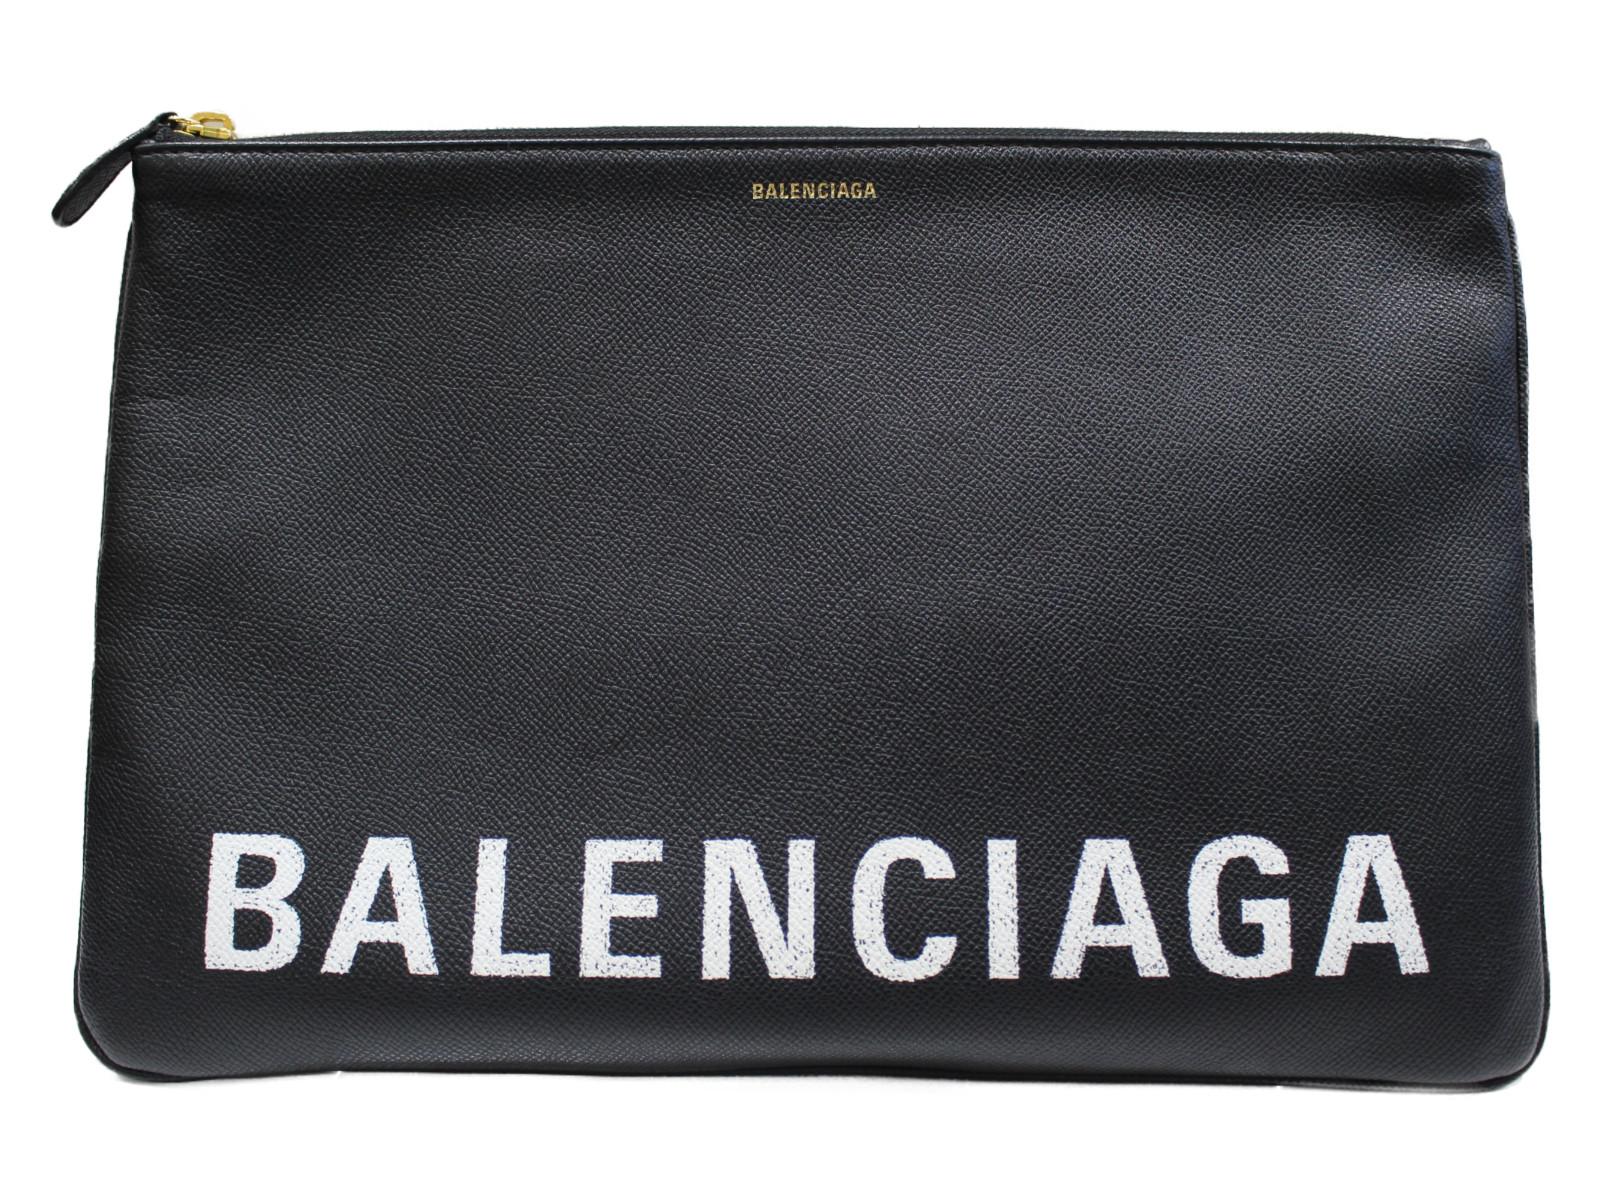 【布袋あり】BALENCIAGA クラッチバッグ 529313 レザー ブラック メンズ レディース ユニセックス シンプル プレゼント包装可 【中古】